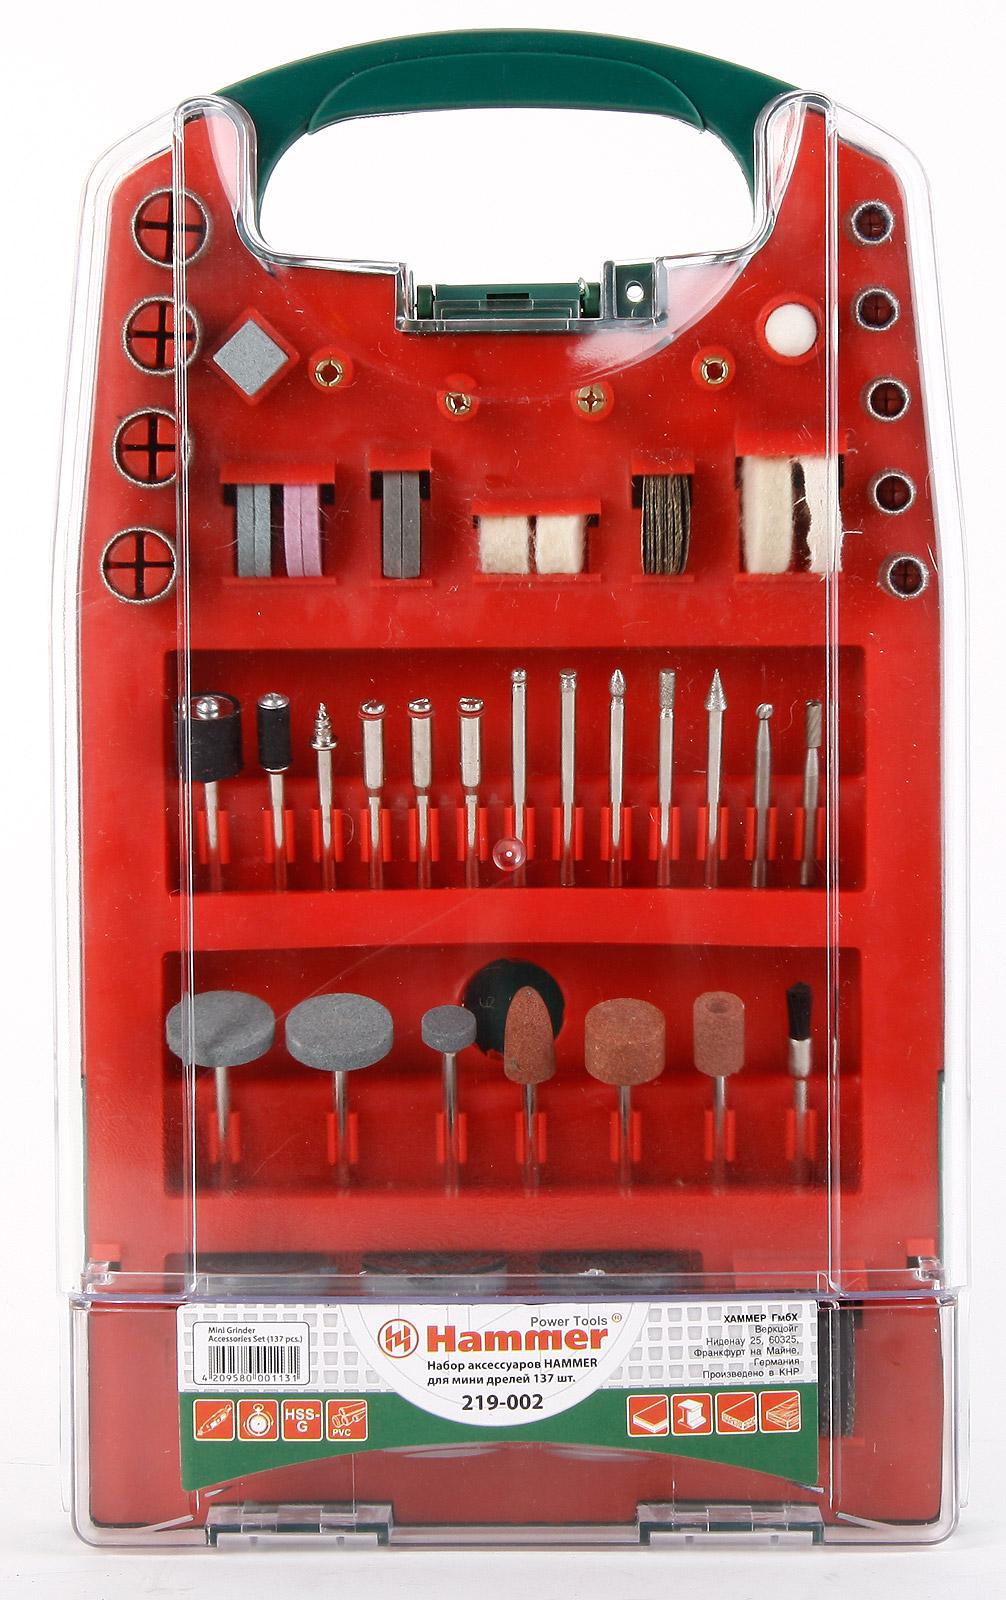 Набор насадок для дрели Hammer Md ac - 2 набор аксессуаров hammer flex 219 003 md ac 3 для мини дрелей 187 шт